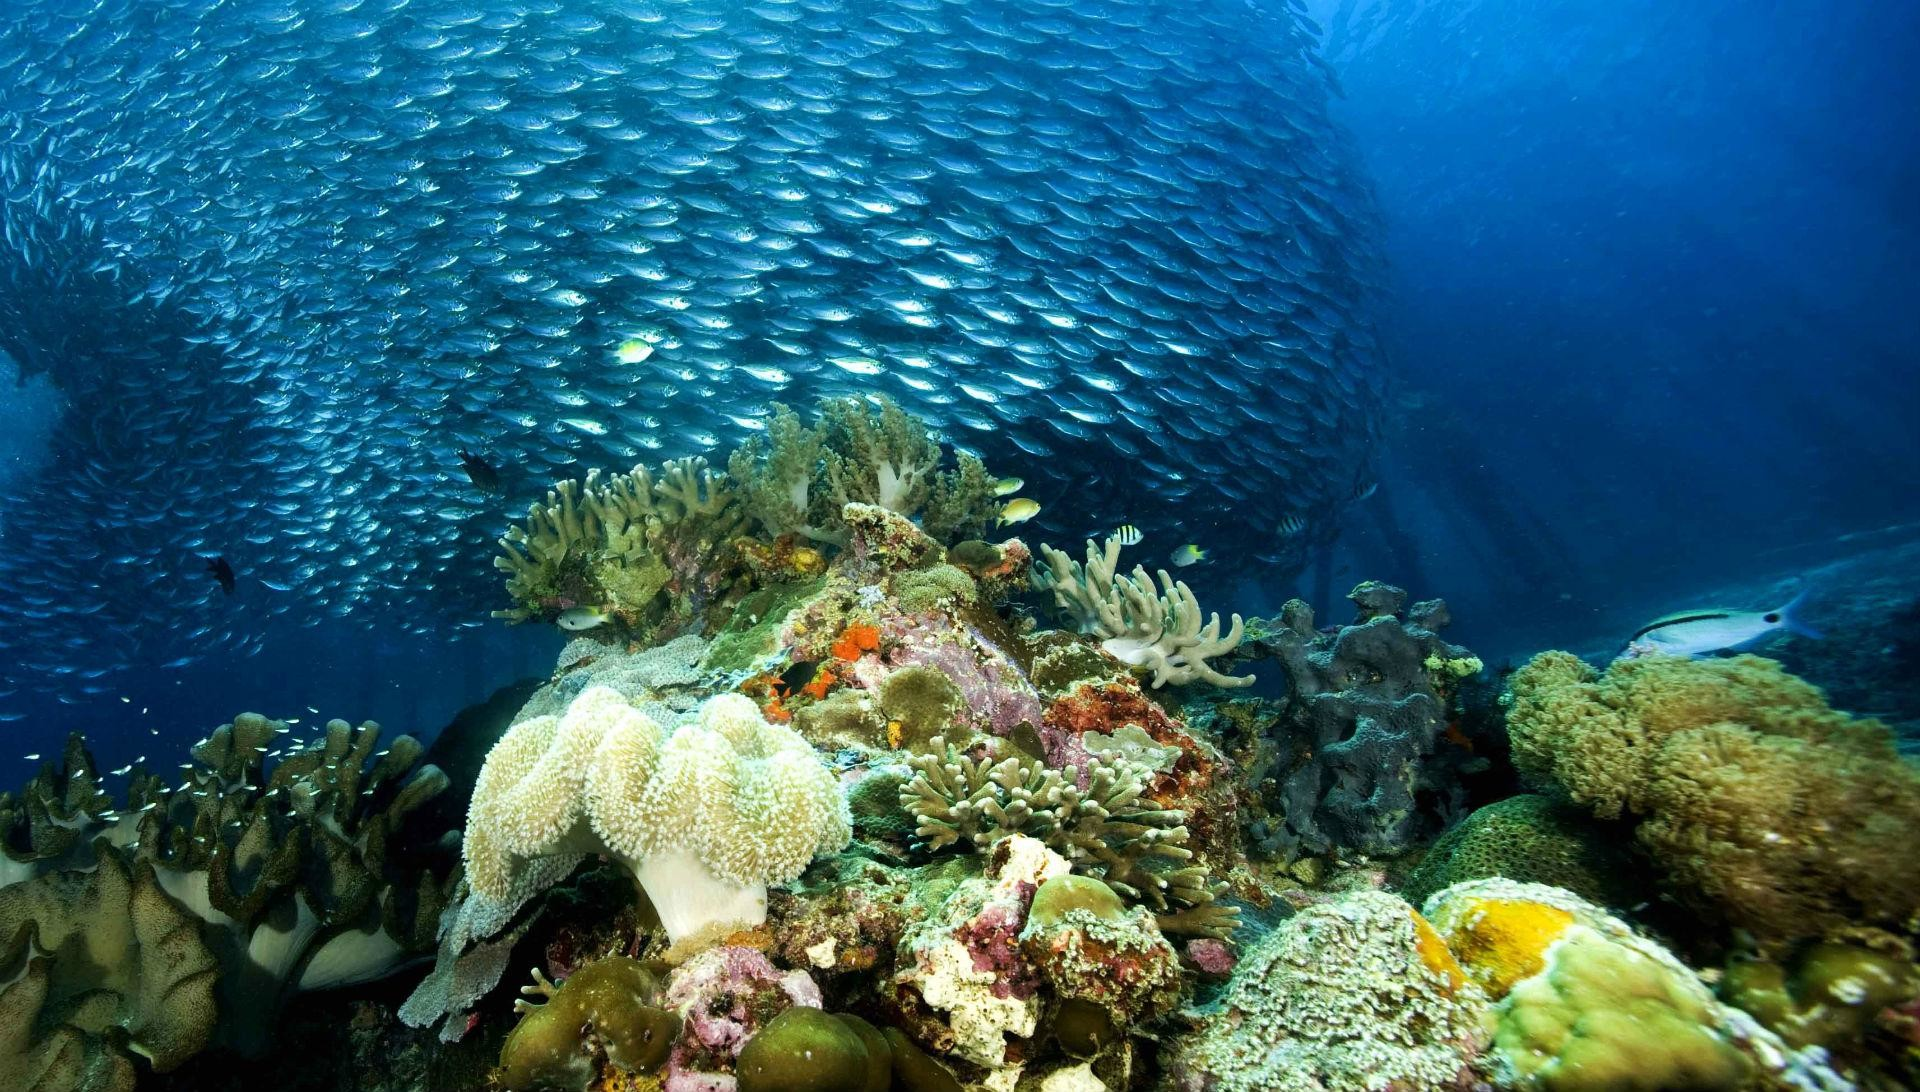 Underwater Ocean Sea Nature Coral Reef Tropical School Image .